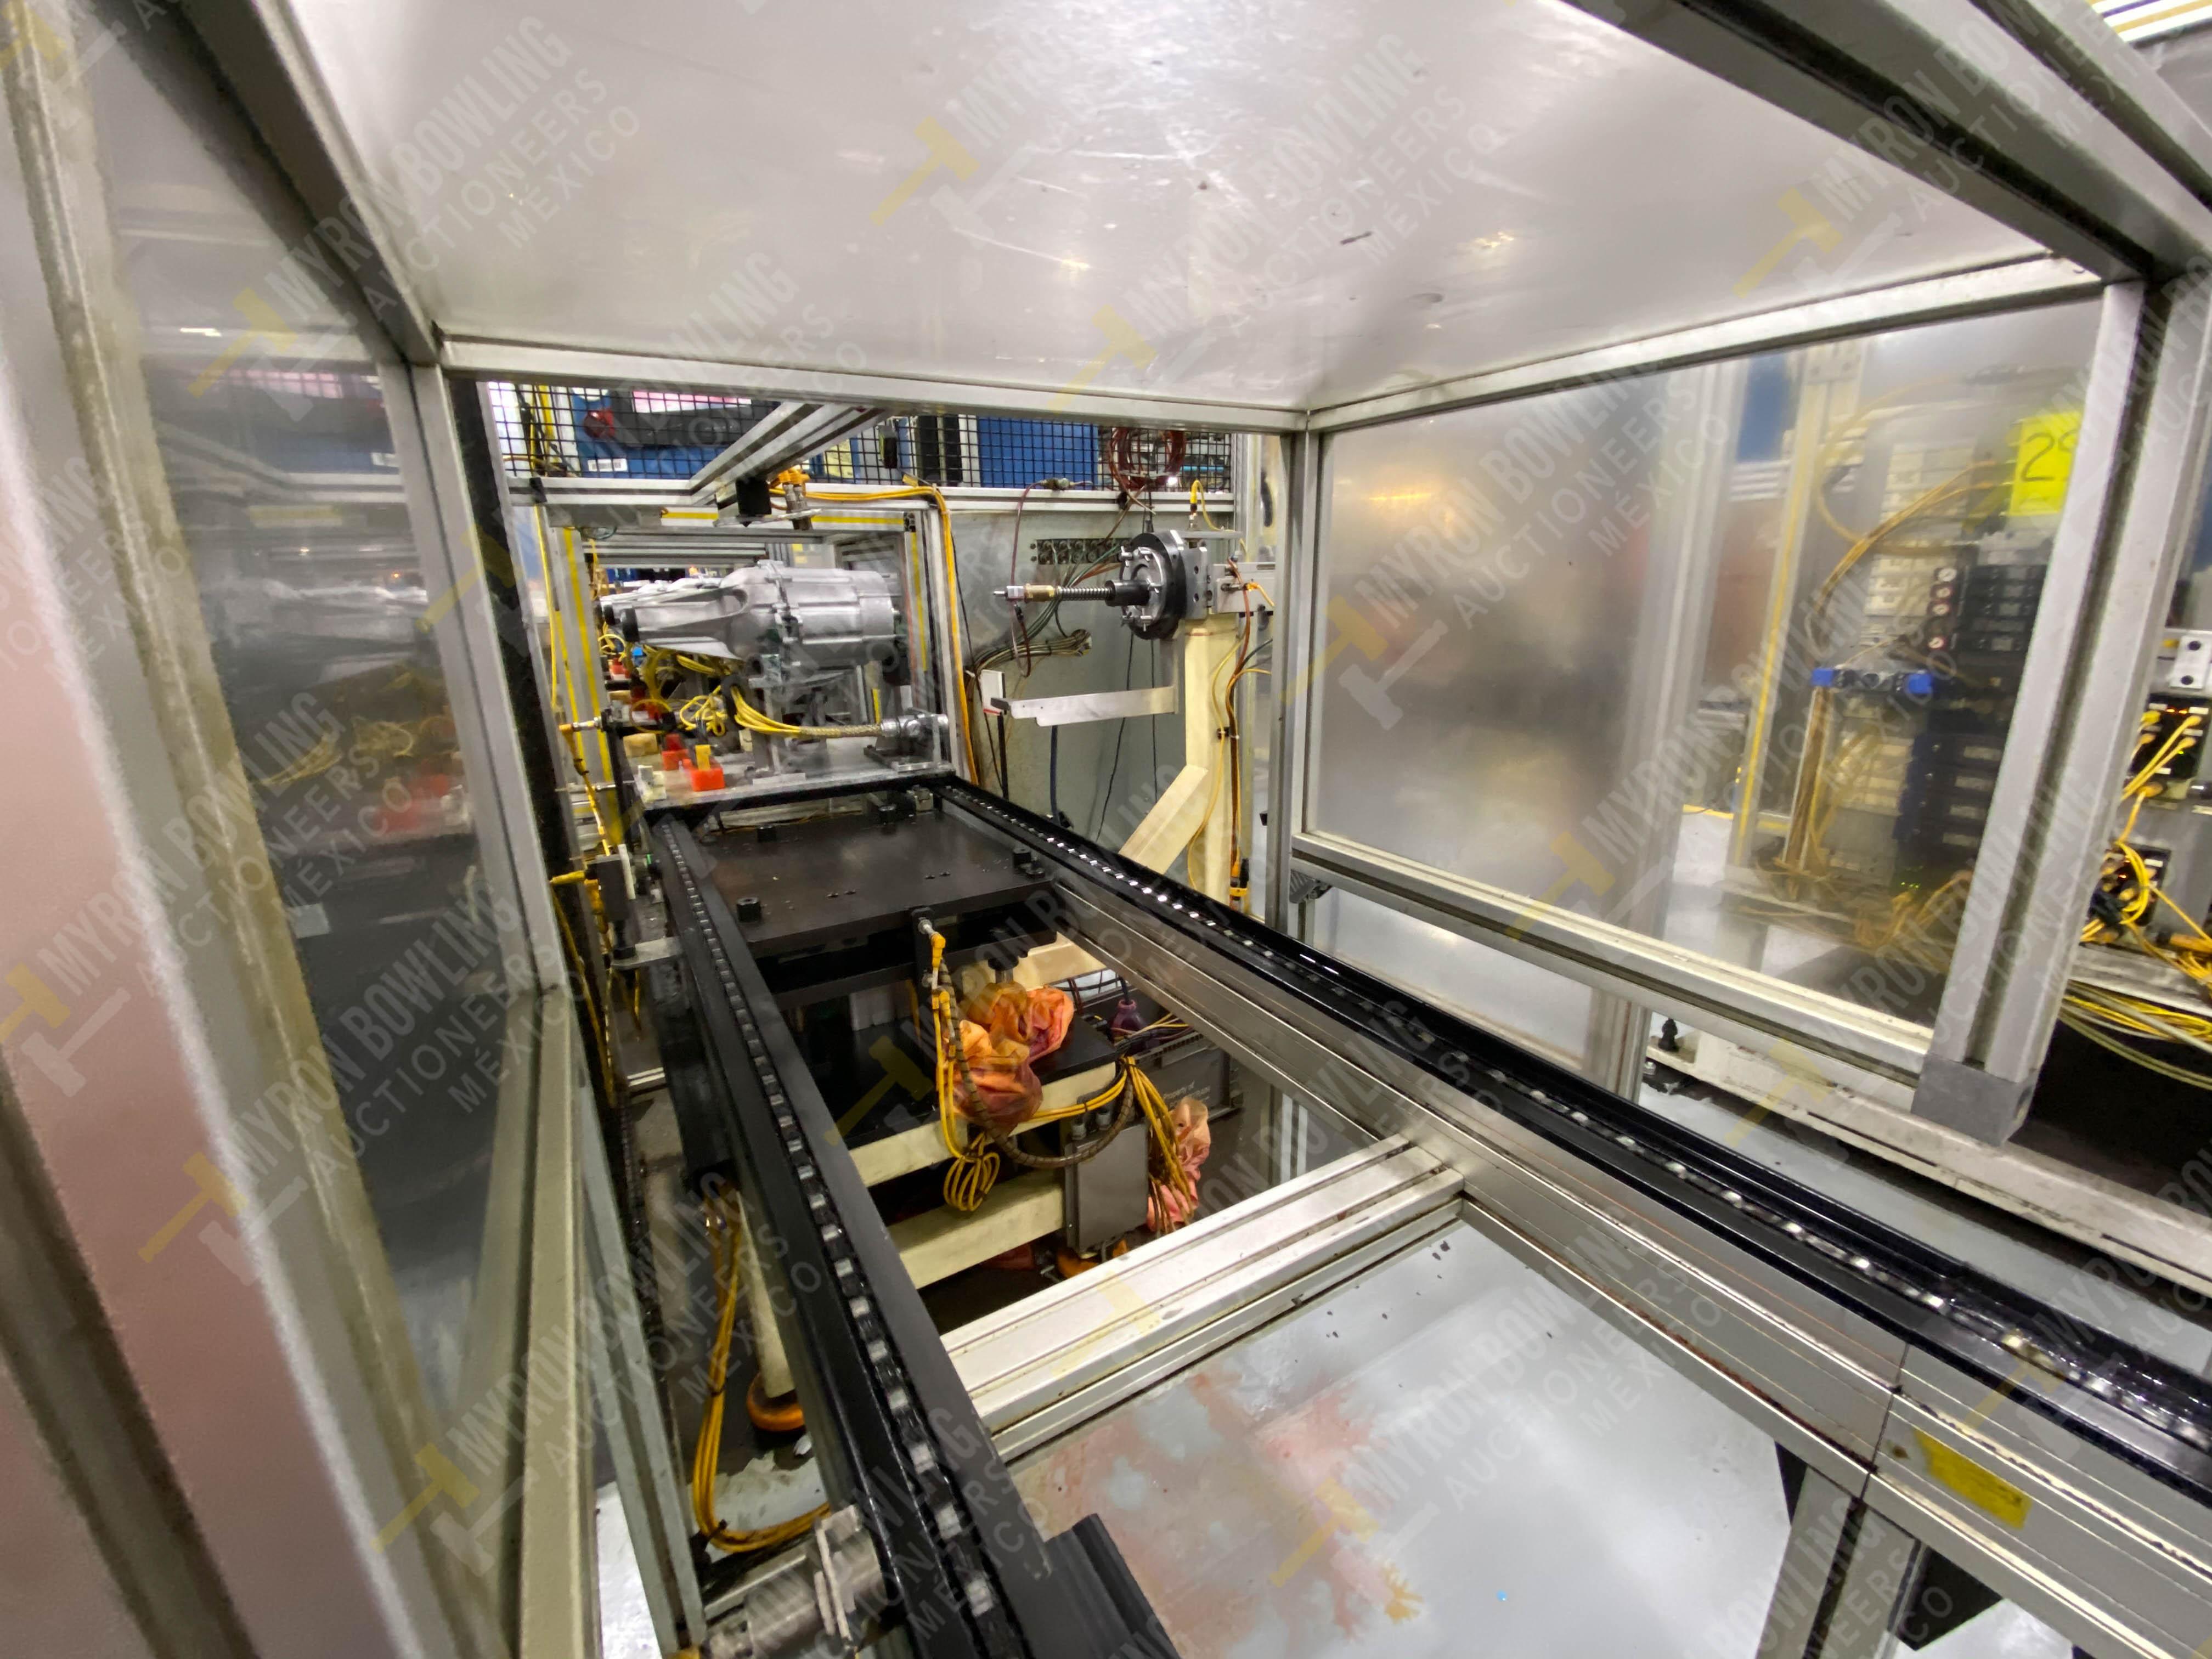 Estación semiautomática para operación 415, contiene: Máquina pesadora de piezas con 1 cilindro - Image 14 of 16